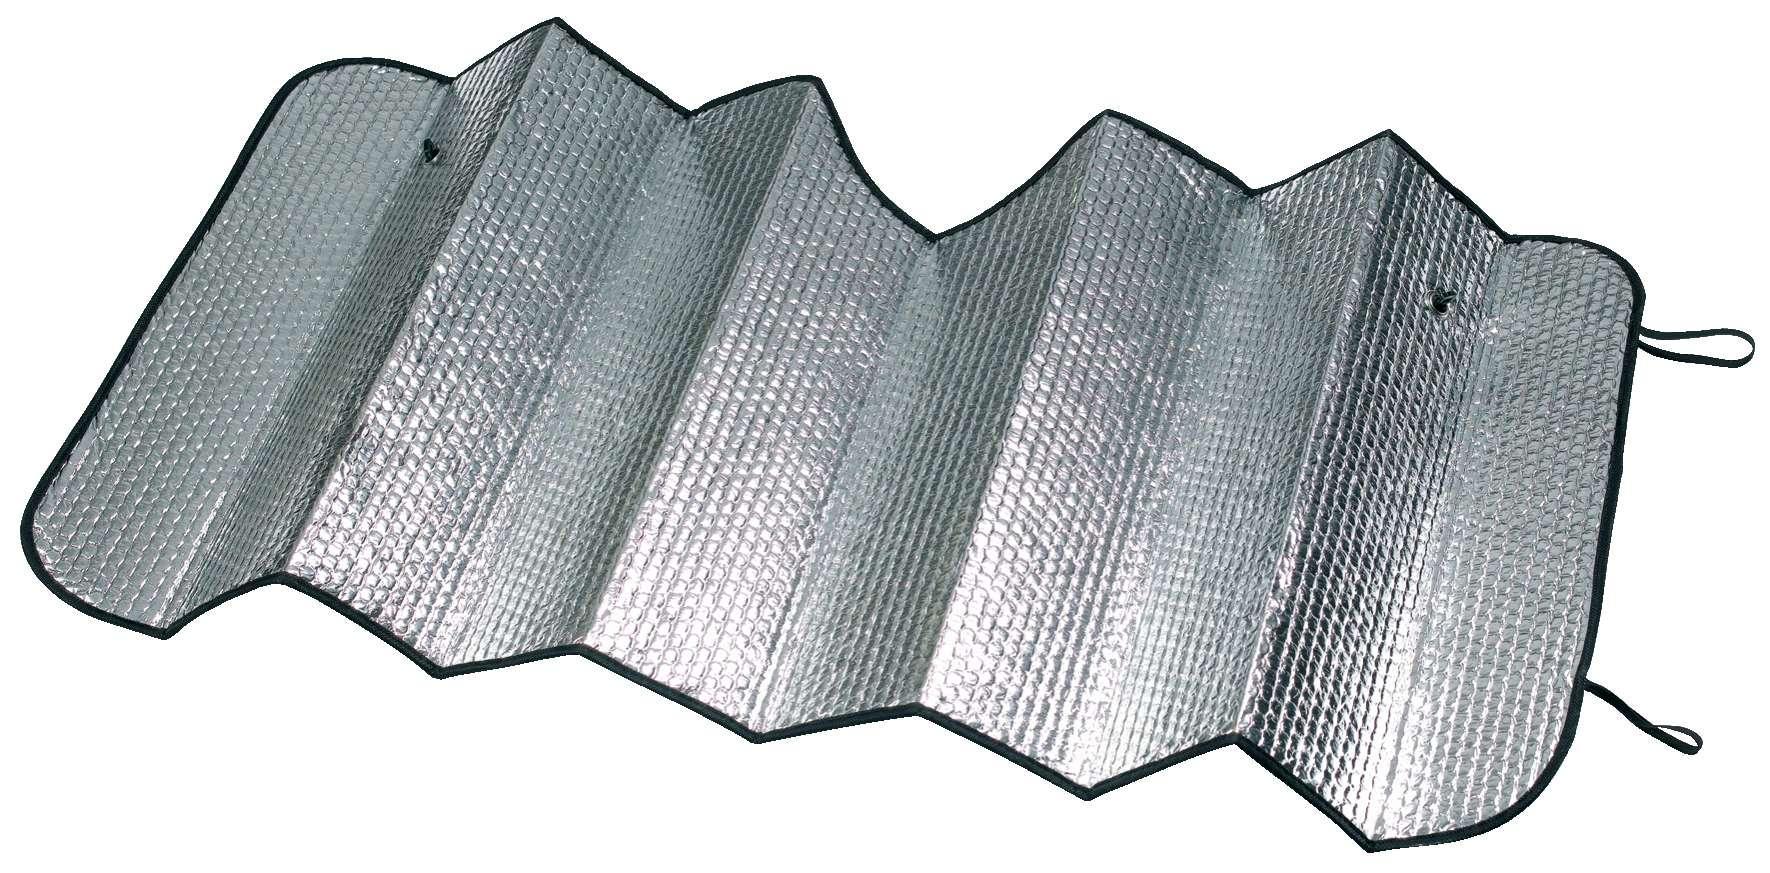 B/âche Pare Brise Protection Magn/étique Couverture Repliable Glace Pluie /& Soleil Couverture Pare-Brise Protege Pare Brise Givre Couverture Pare-Brise Voiture Universelle pour Voiture Anti Neige